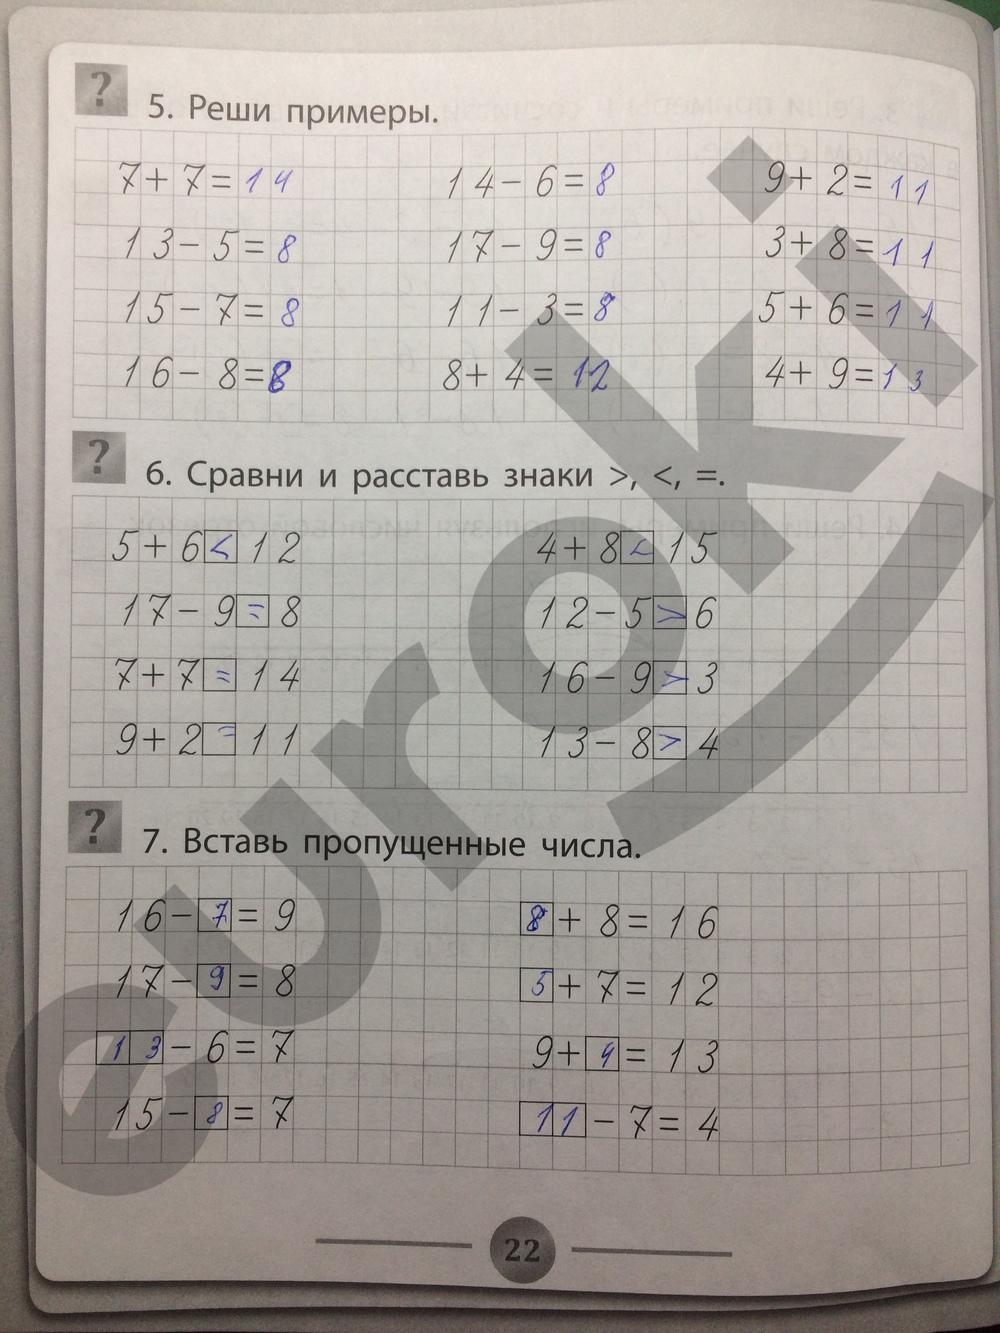 ГДЗ по математике 1 класс тетрадь тренажёр Губка. Задание: стр. 22